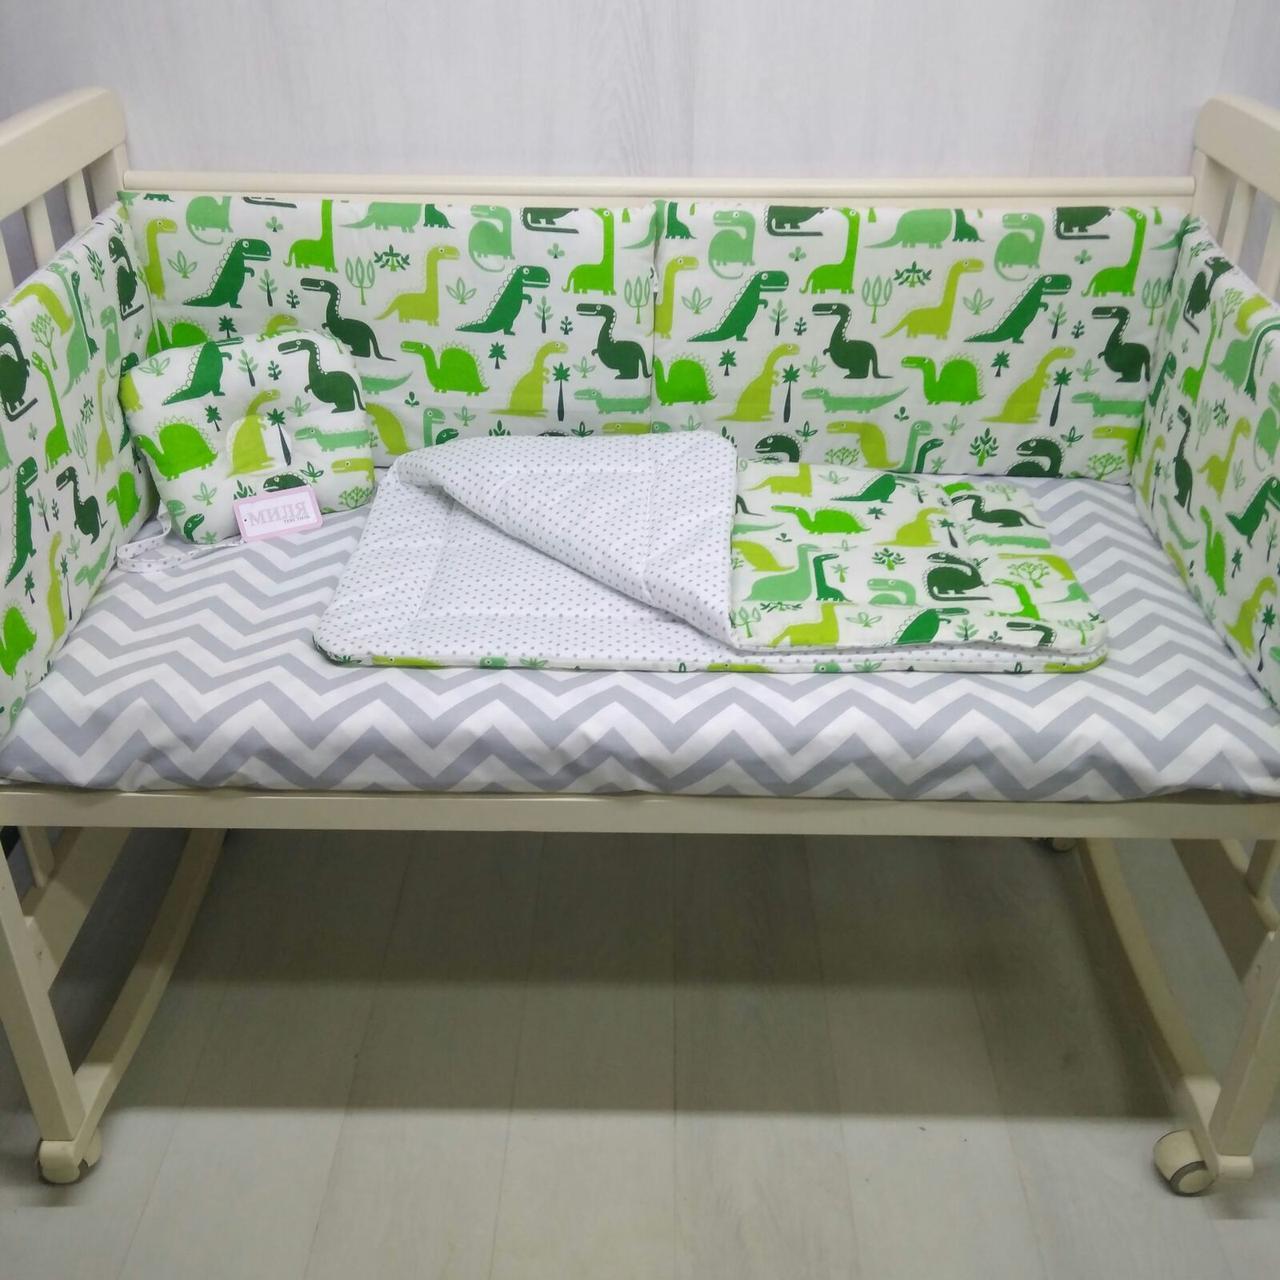 Защита в кроватку с ортопедической подушкой и одеялом для новорожденных Динозаврики цвет зеленый